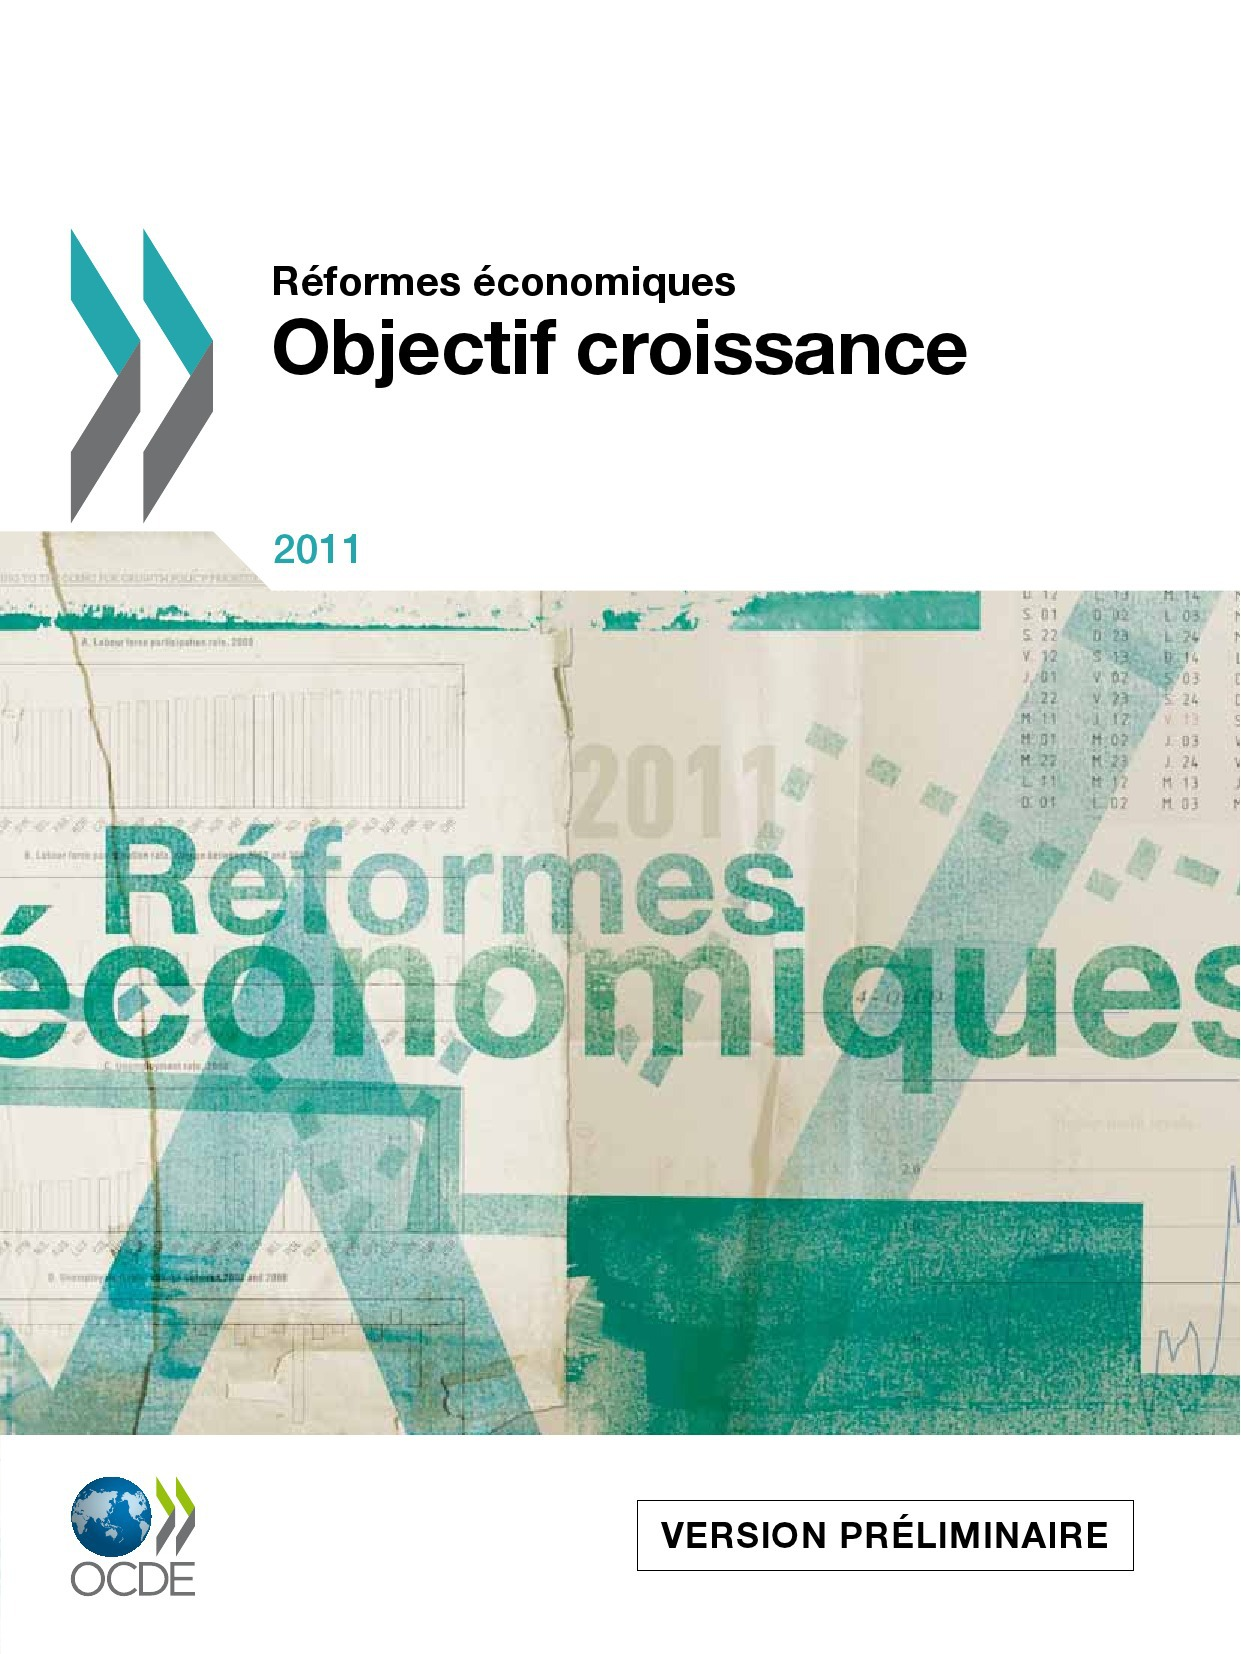 Reformes économiques 2011